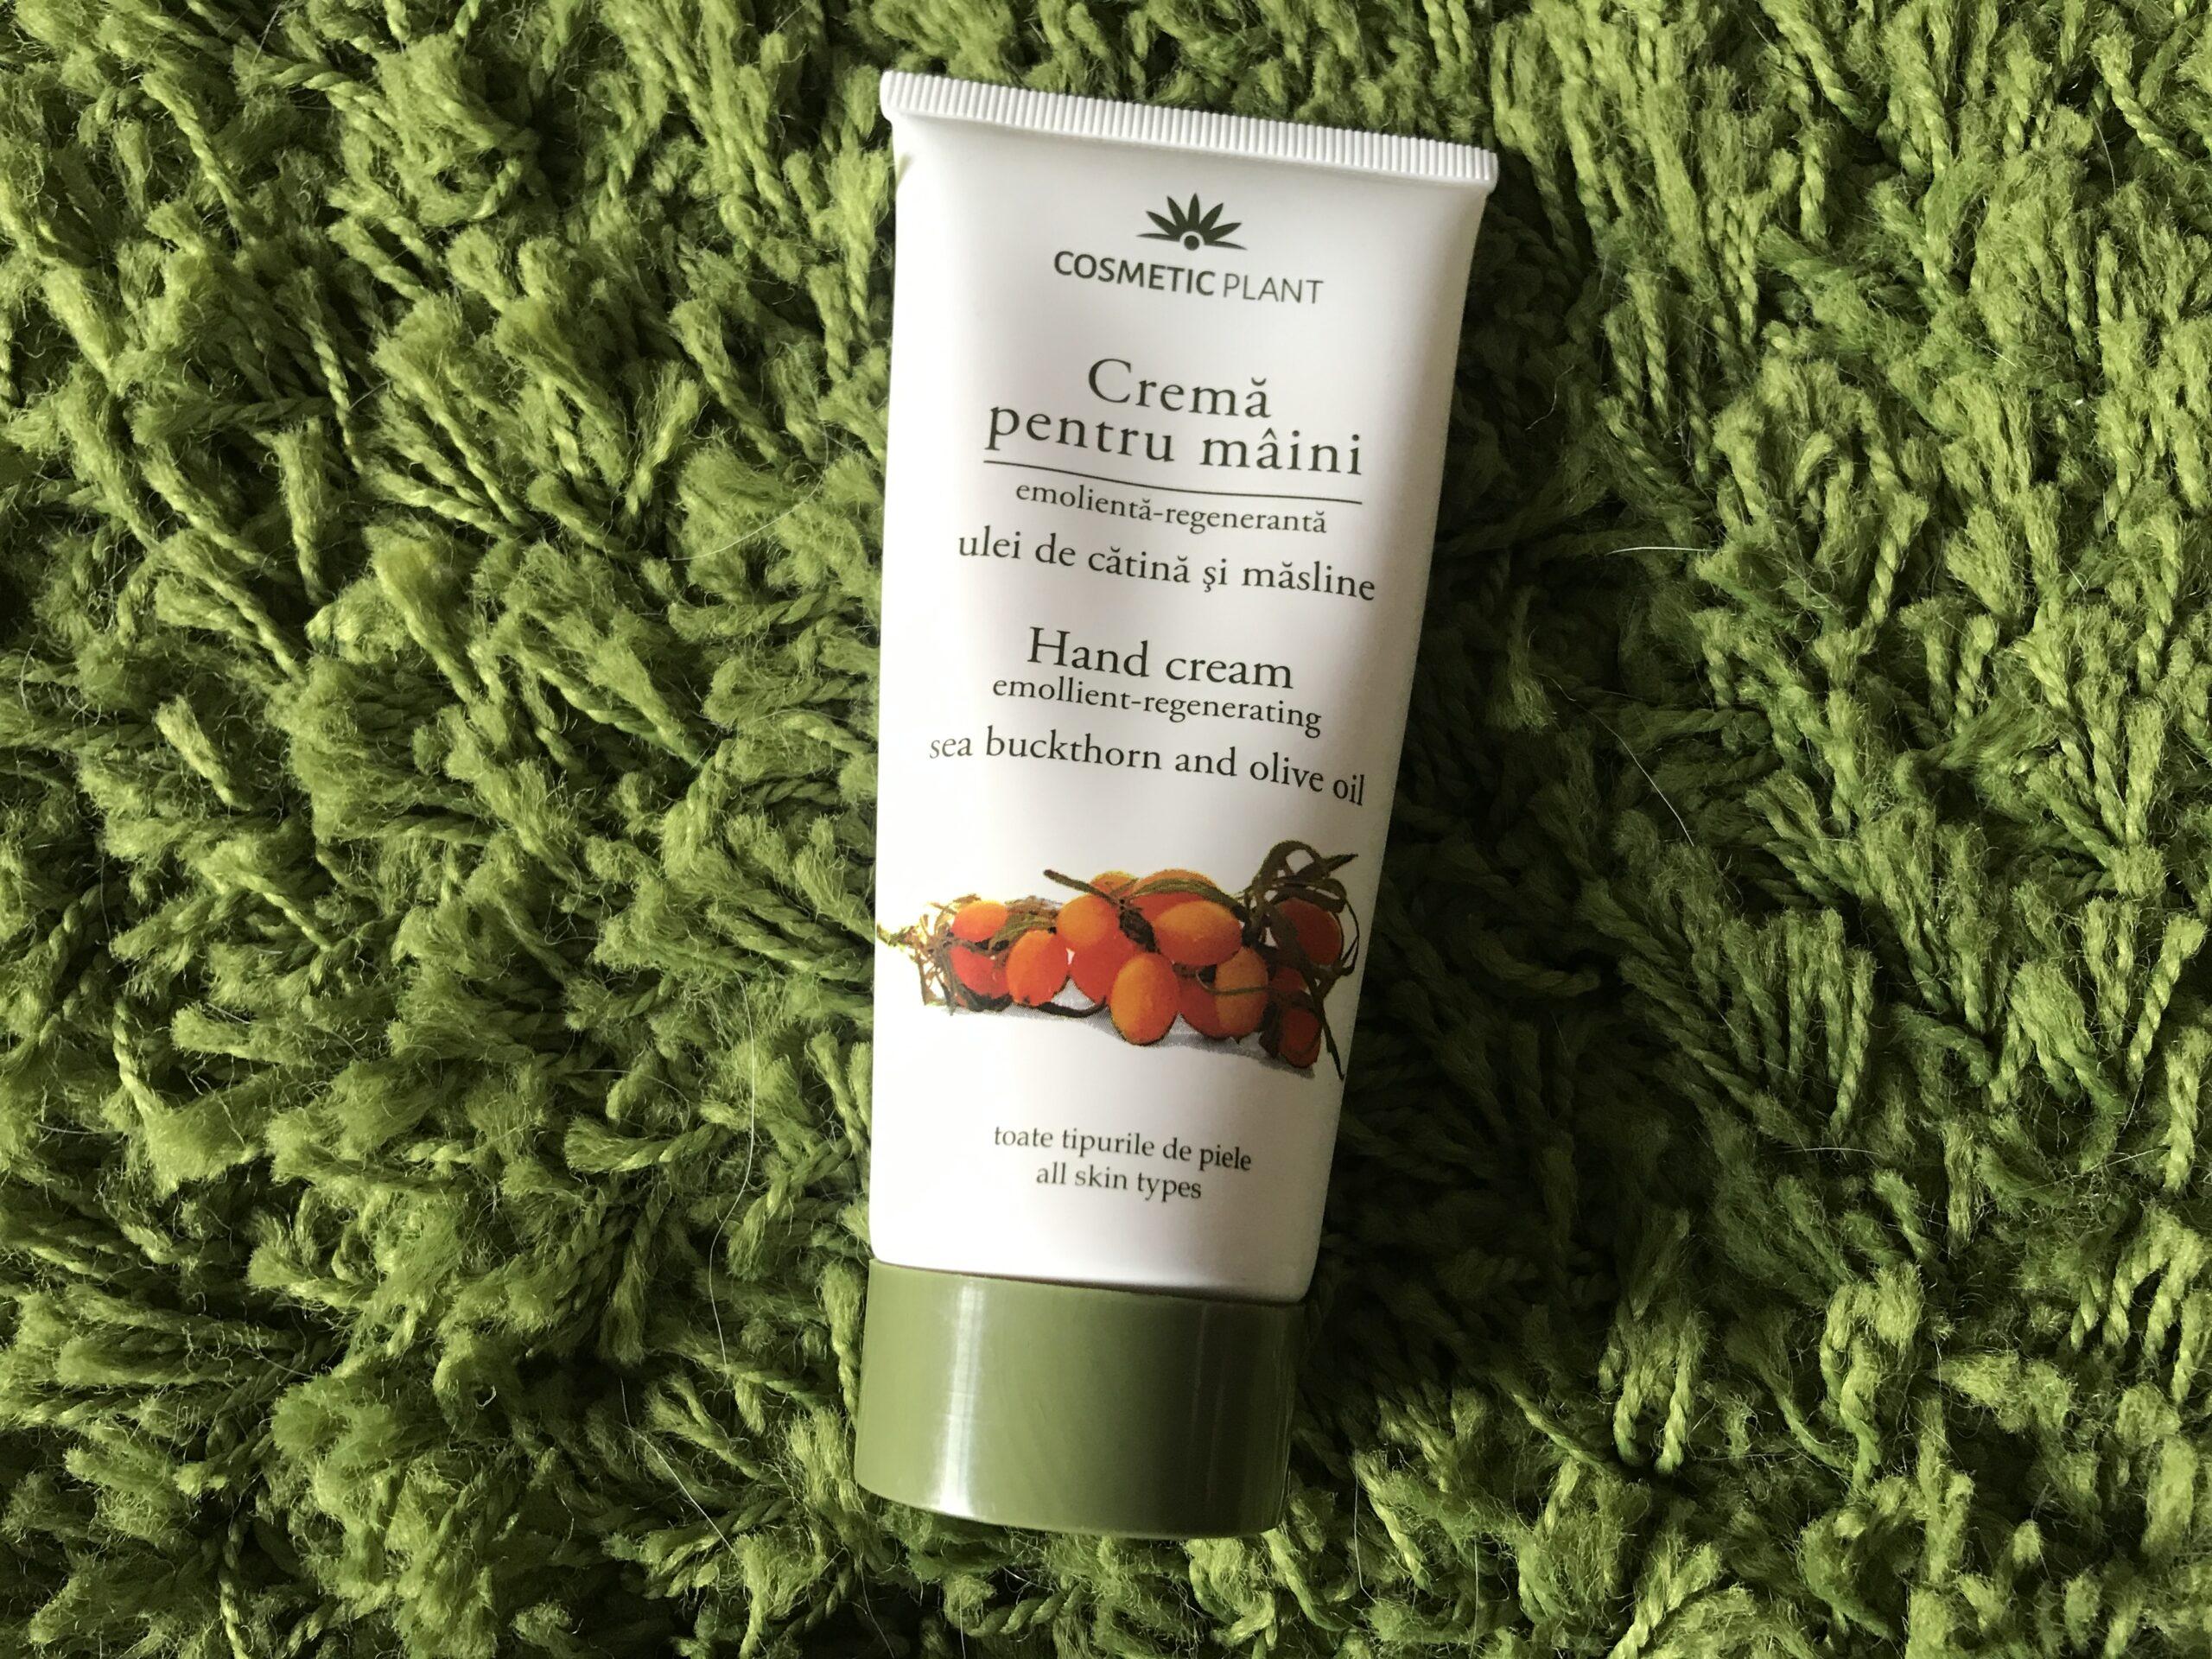 crema pentru maini cu ulei de catina si masline cosmetic plant